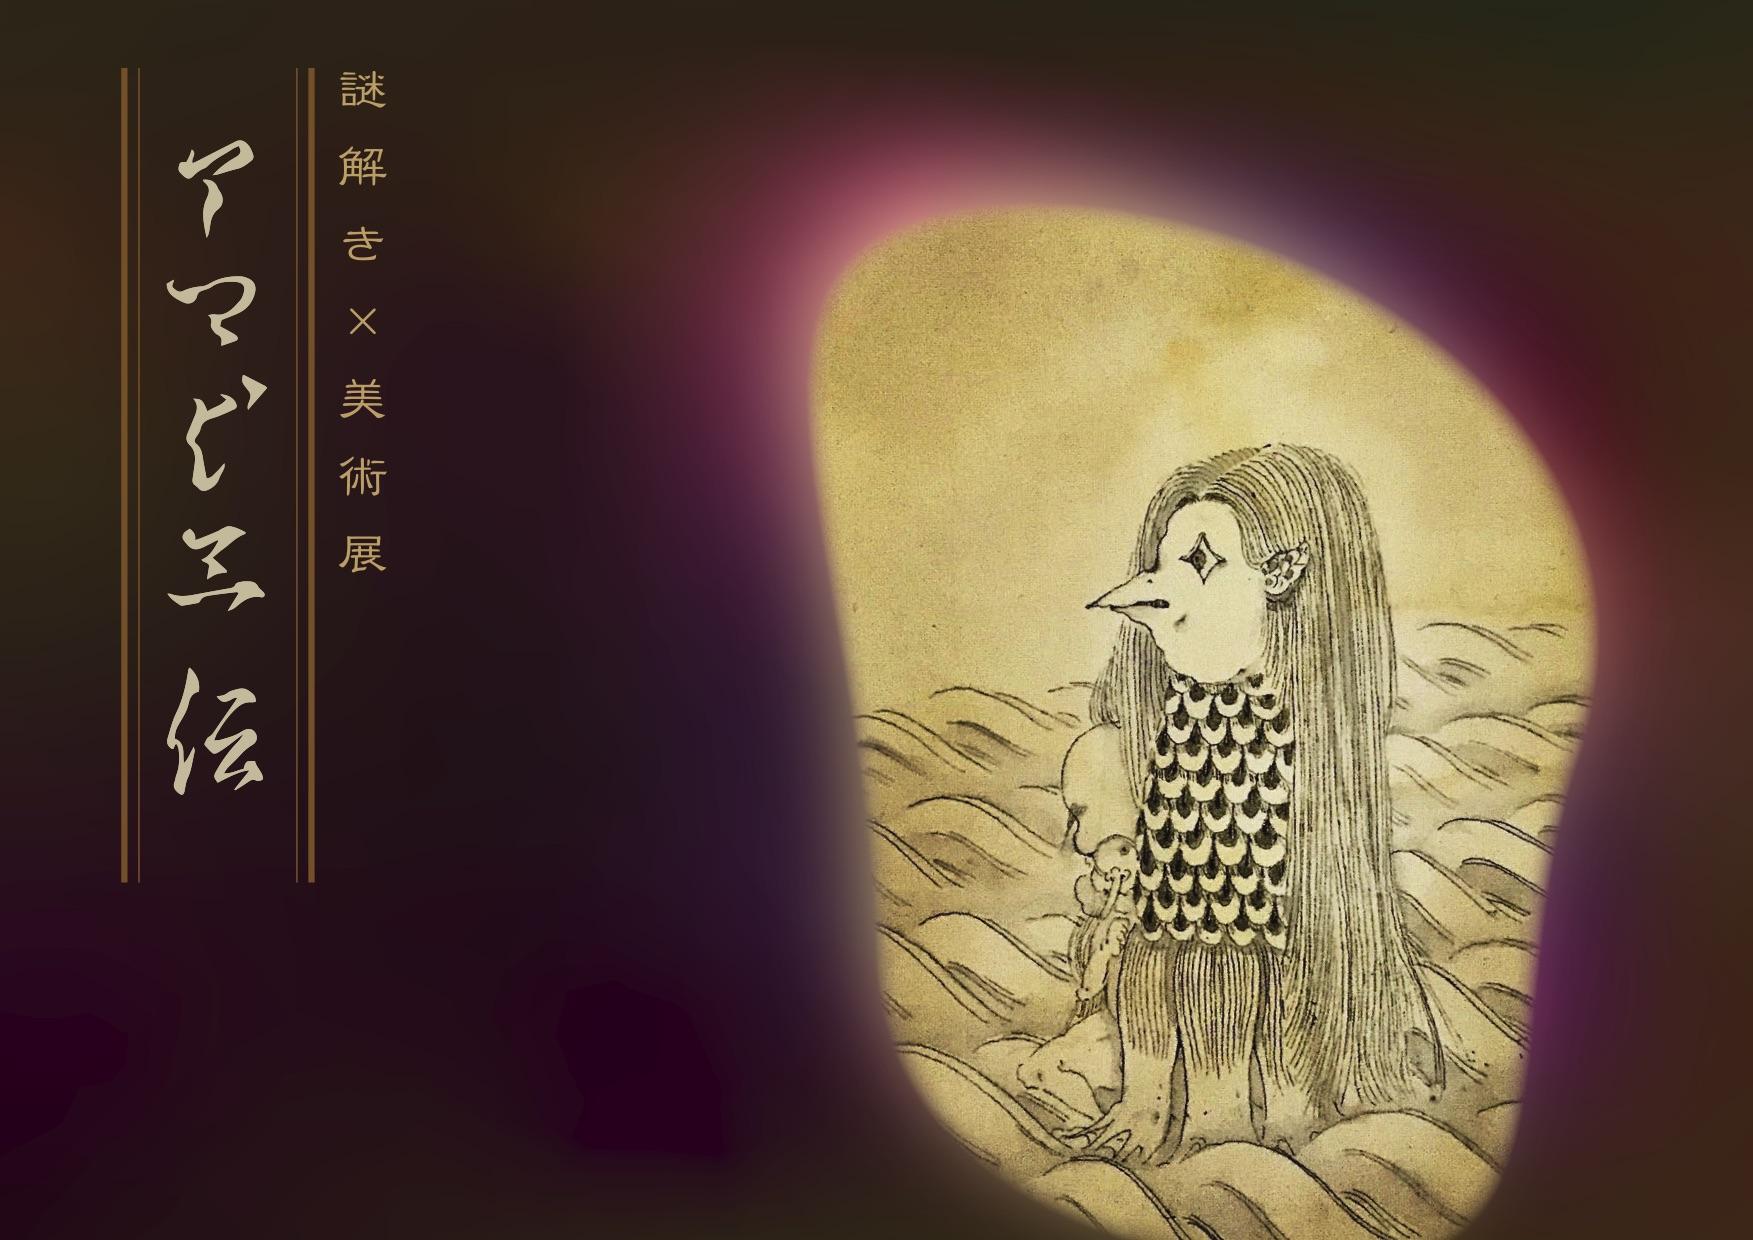 謎解き×美術展 アマビヱ伝(オンラインイベント)